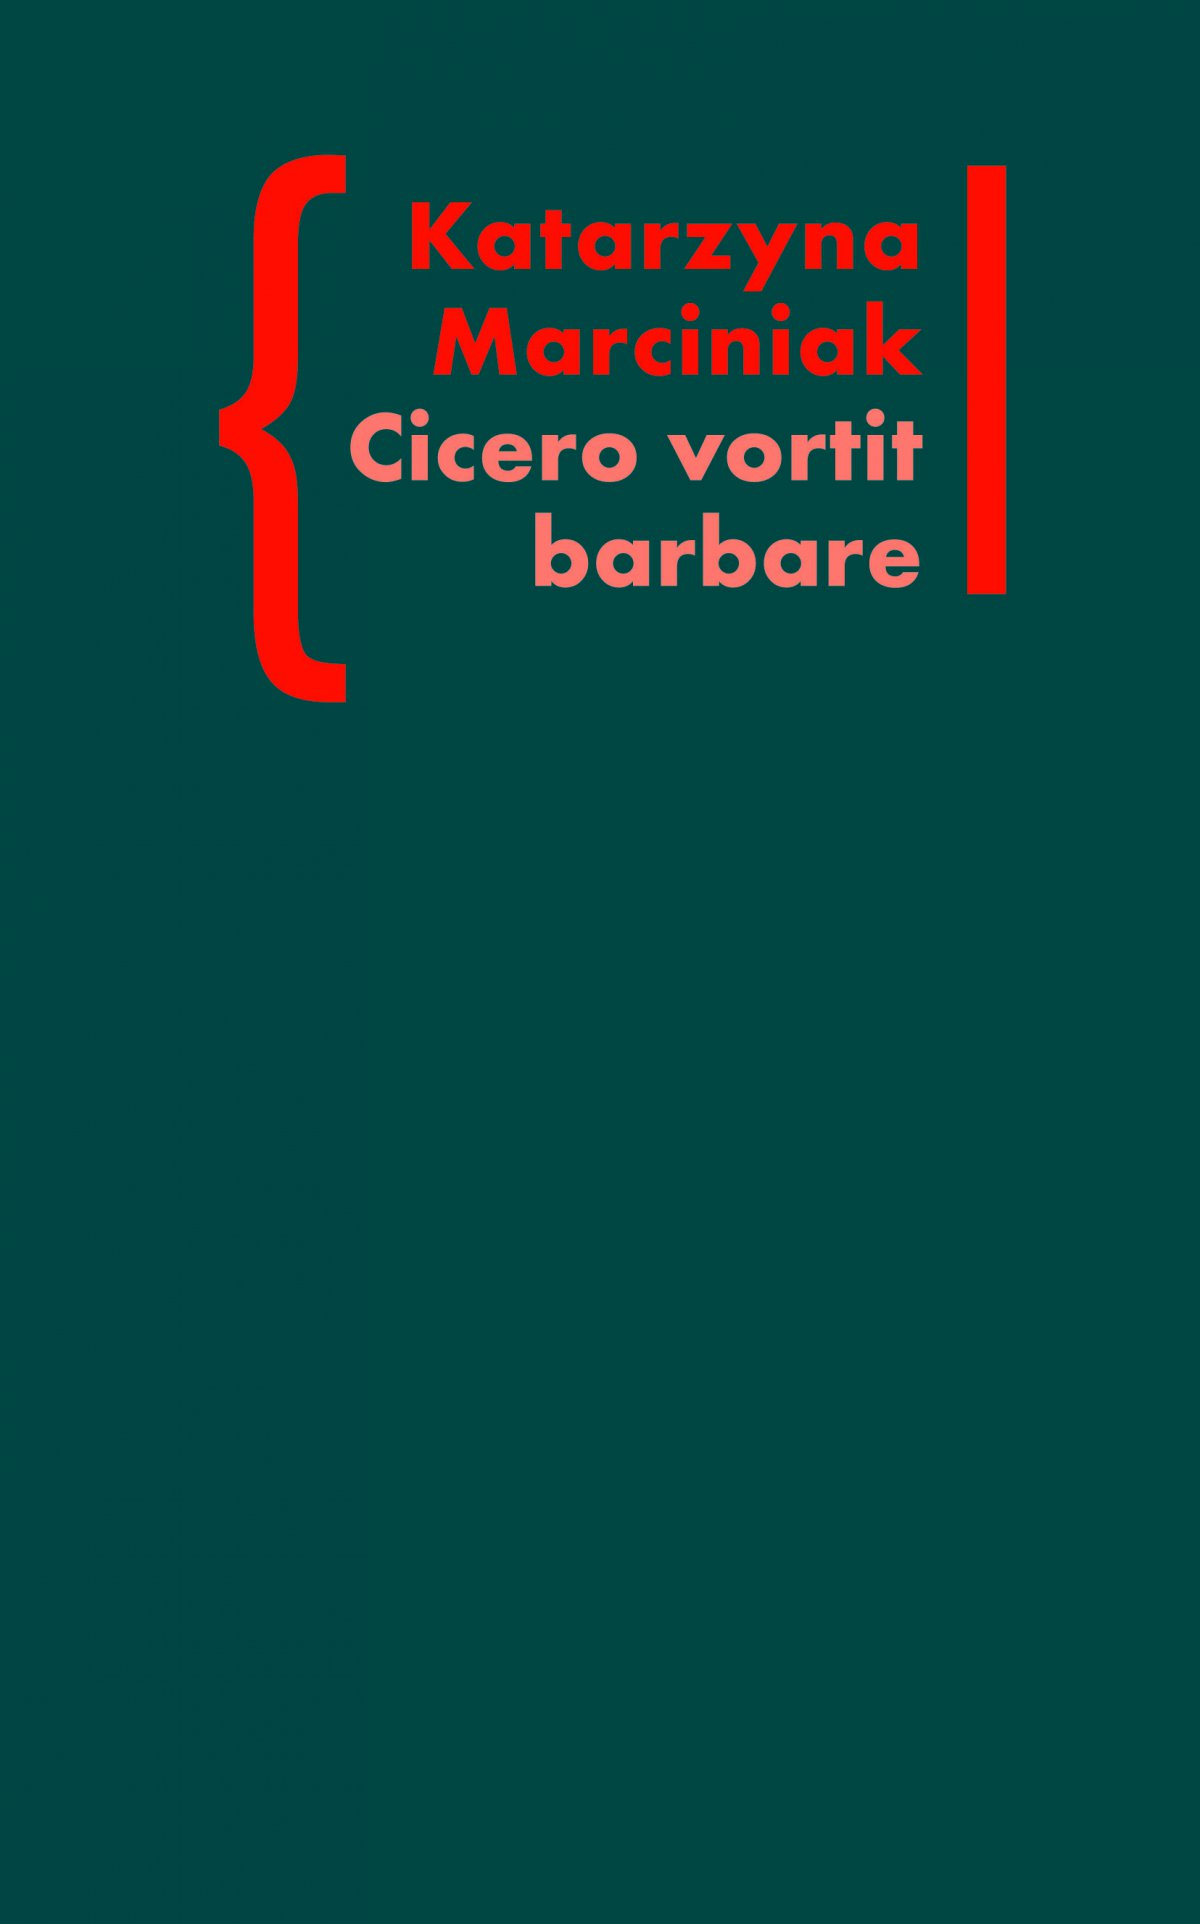 CICERO VORTIT BARBARE. Przekłady mówcy jako narzędzie manipulacji ideologicznej - Ebook (Książka na Kindle) do pobrania w formacie MOBI